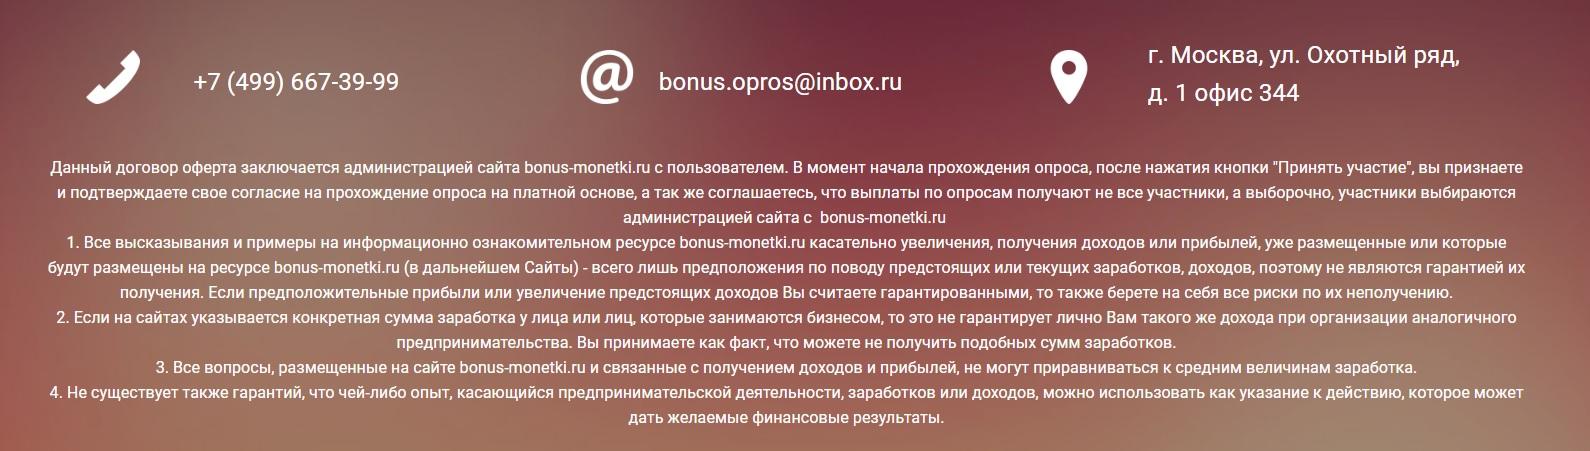 BonusOpros отзывы